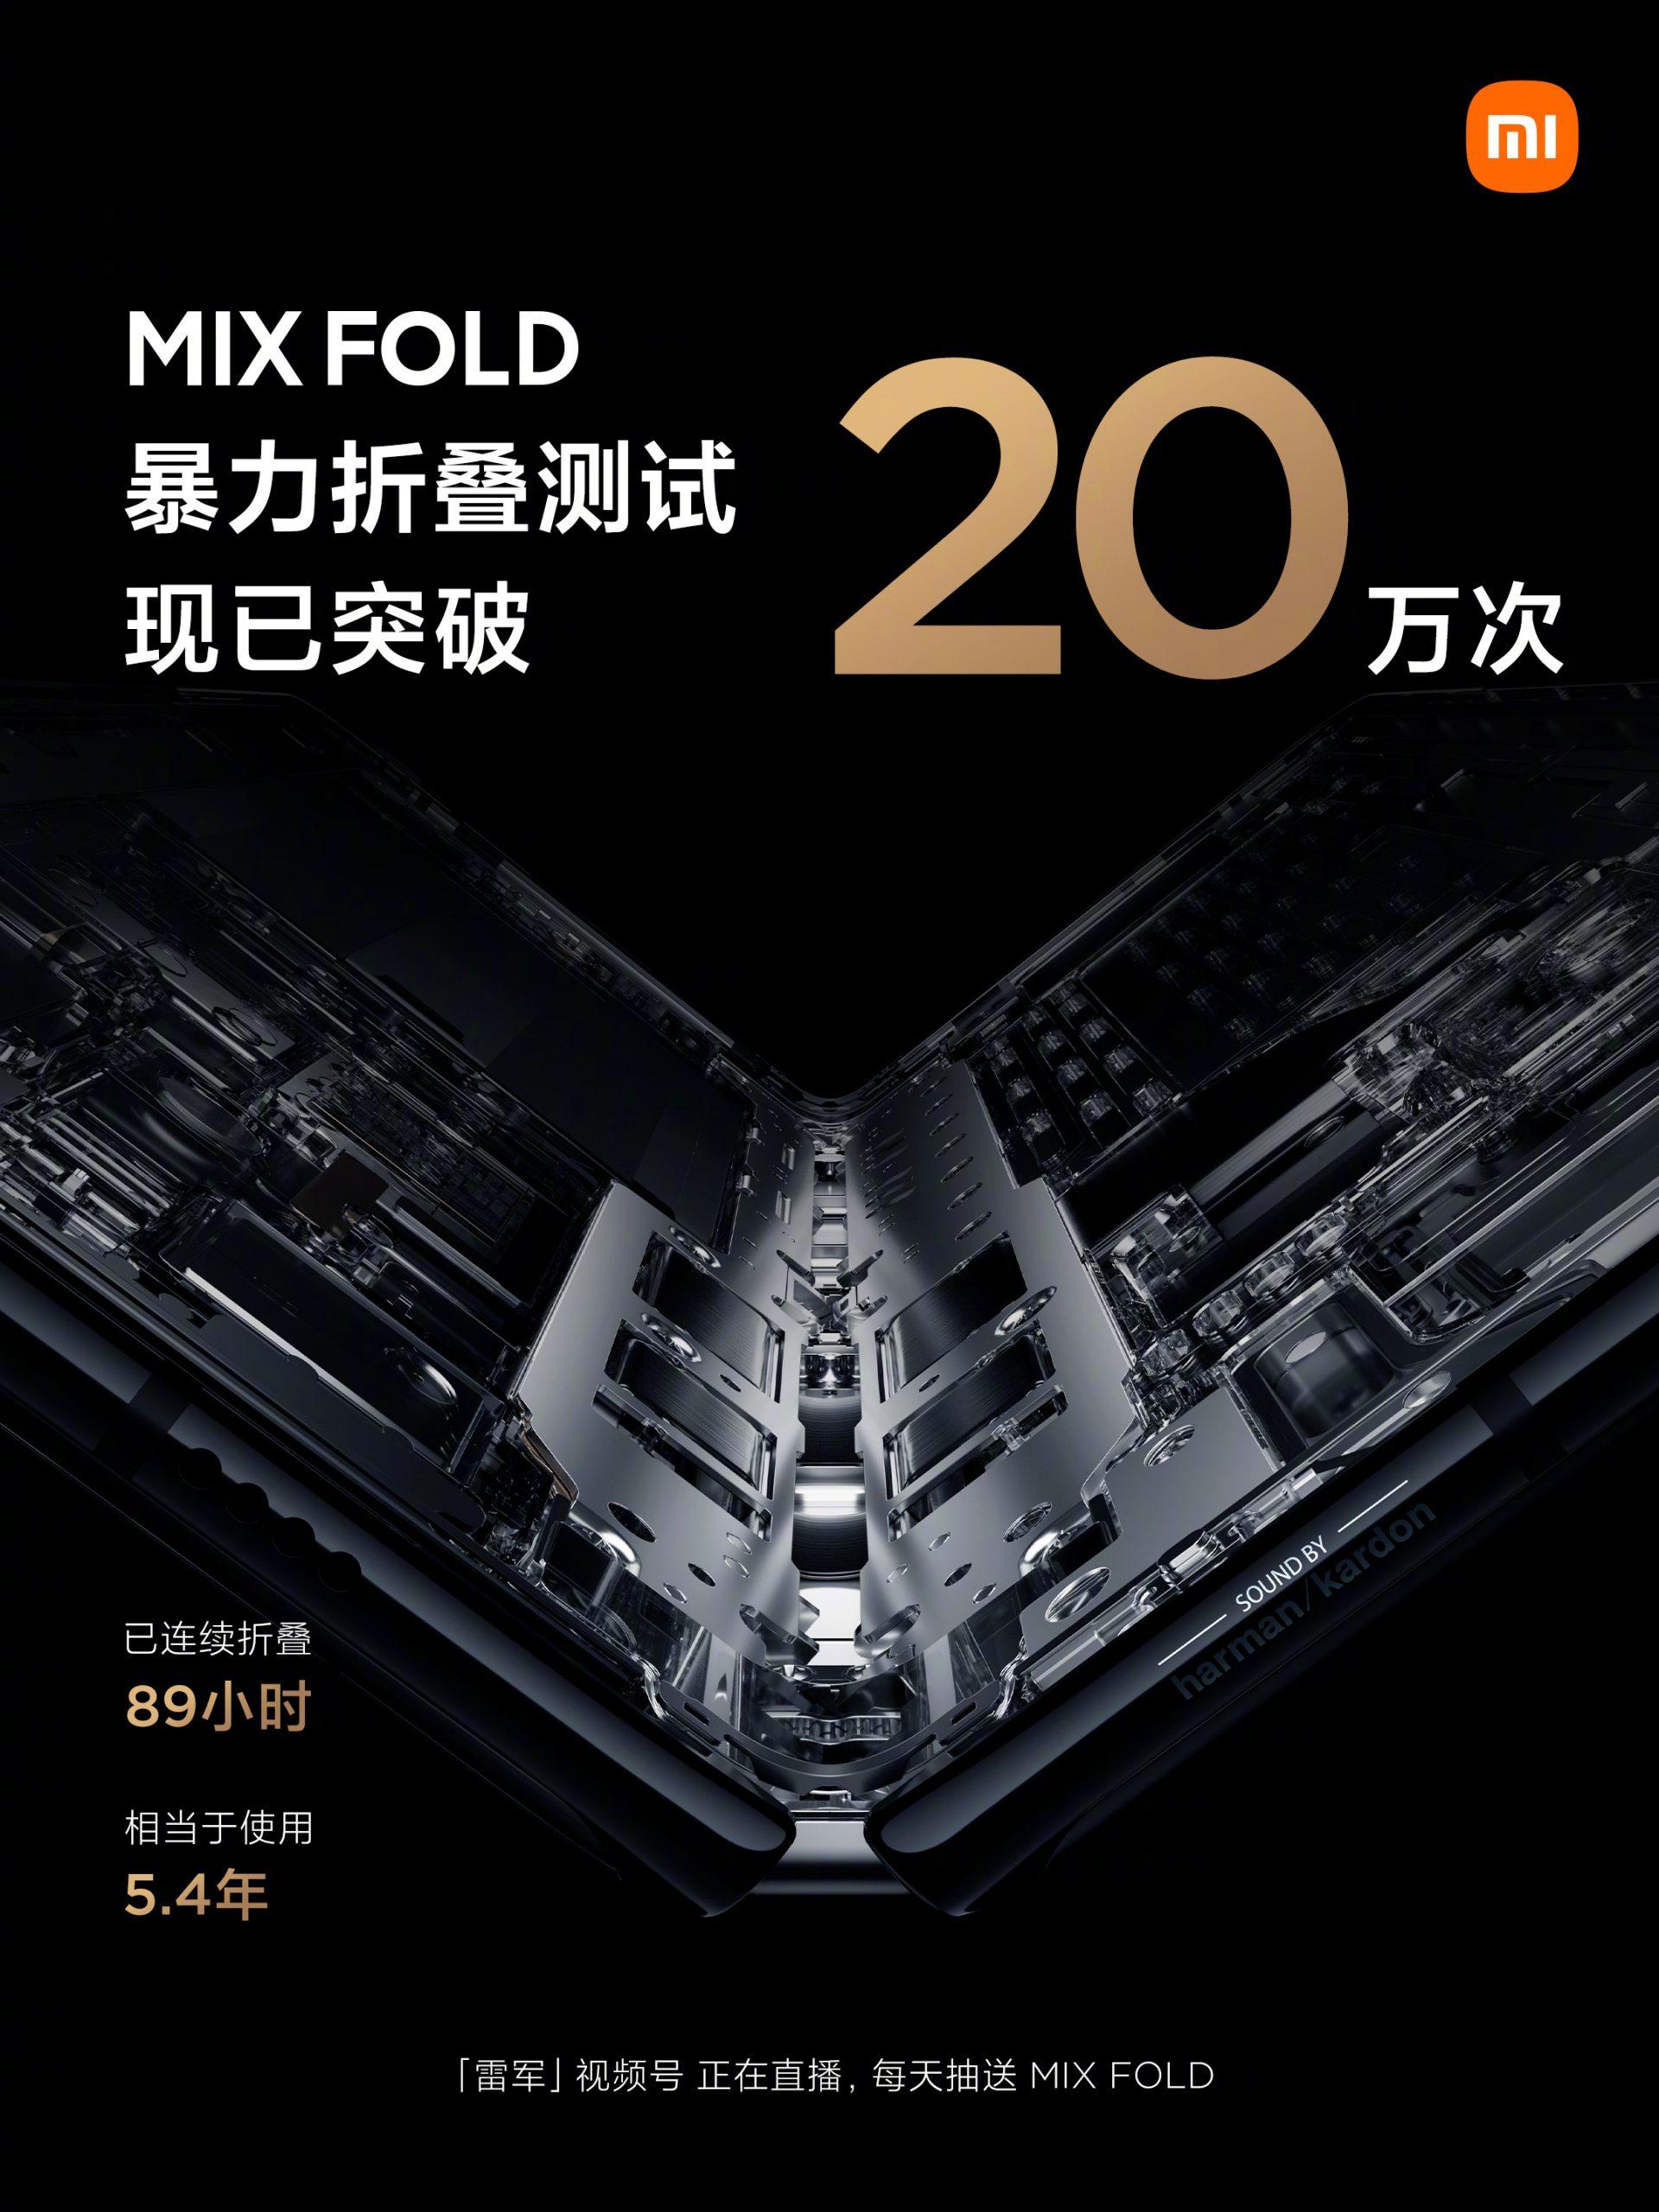 El Xiaomi Mi Mix Fold ha sido capaz de resistir 200.000 aperturas sin presentar daños. Noticias Xiaomi Adictos